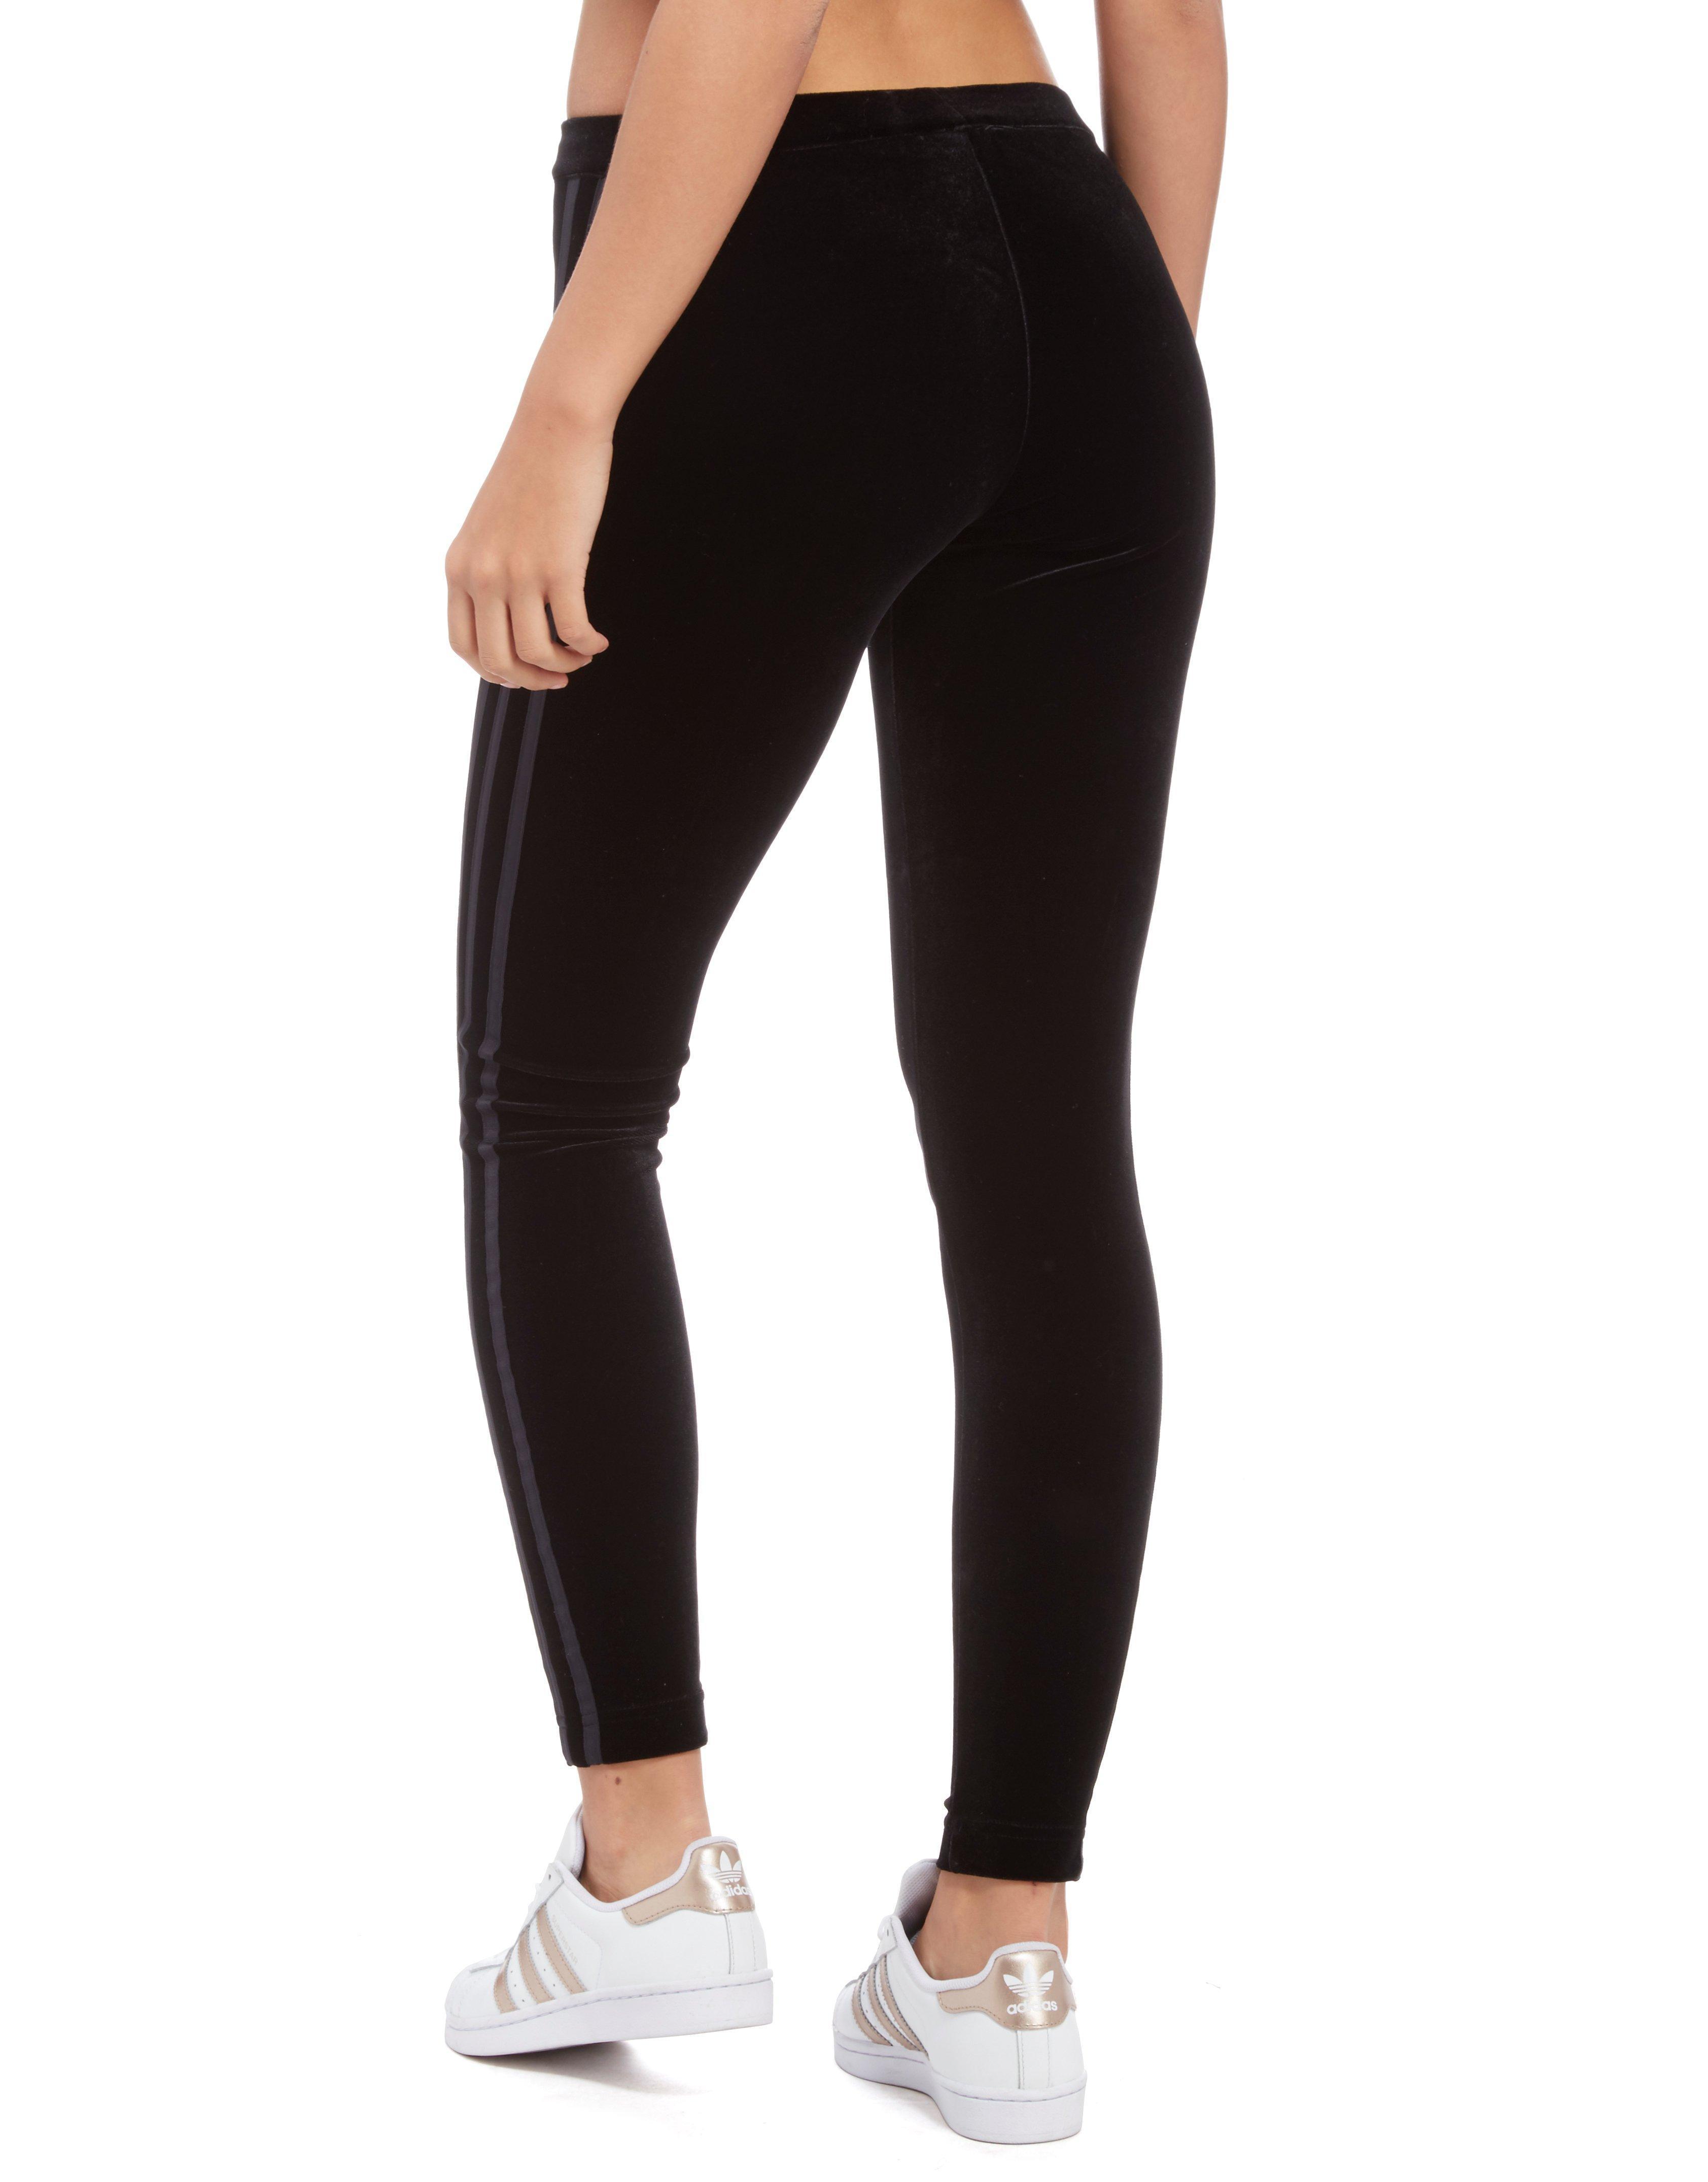 70e2744734724 adidas Originals 3-stripes Trefoil Velvet Leggings in Black - Lyst